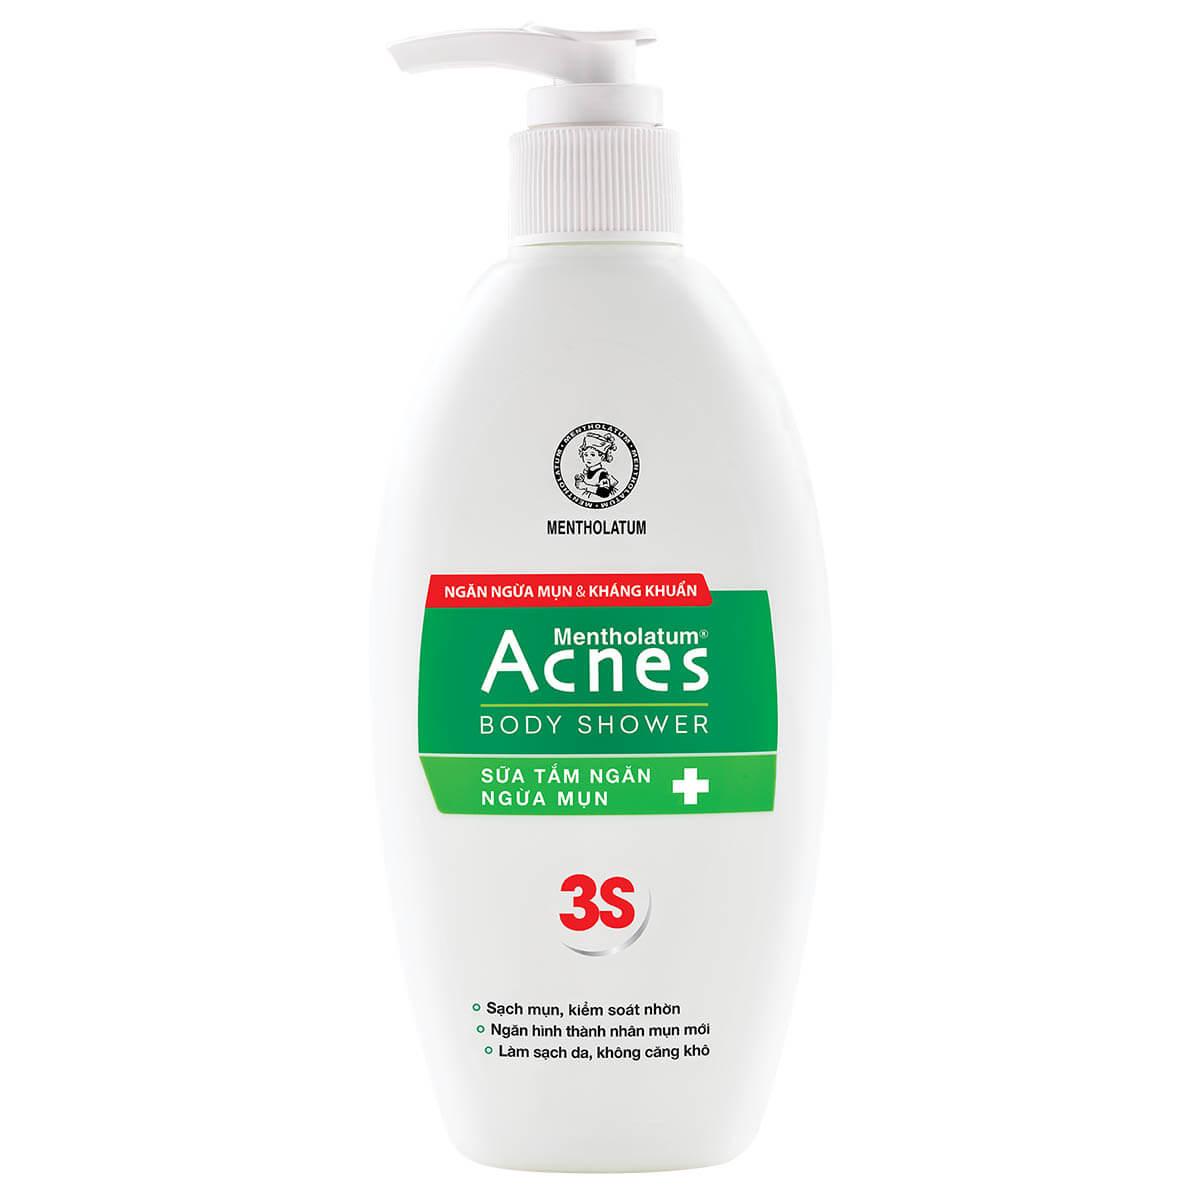 Acnes Body Shower - Sữa Tắm Trị Mụn Lưng - Giá: 74.000đ / 180gr